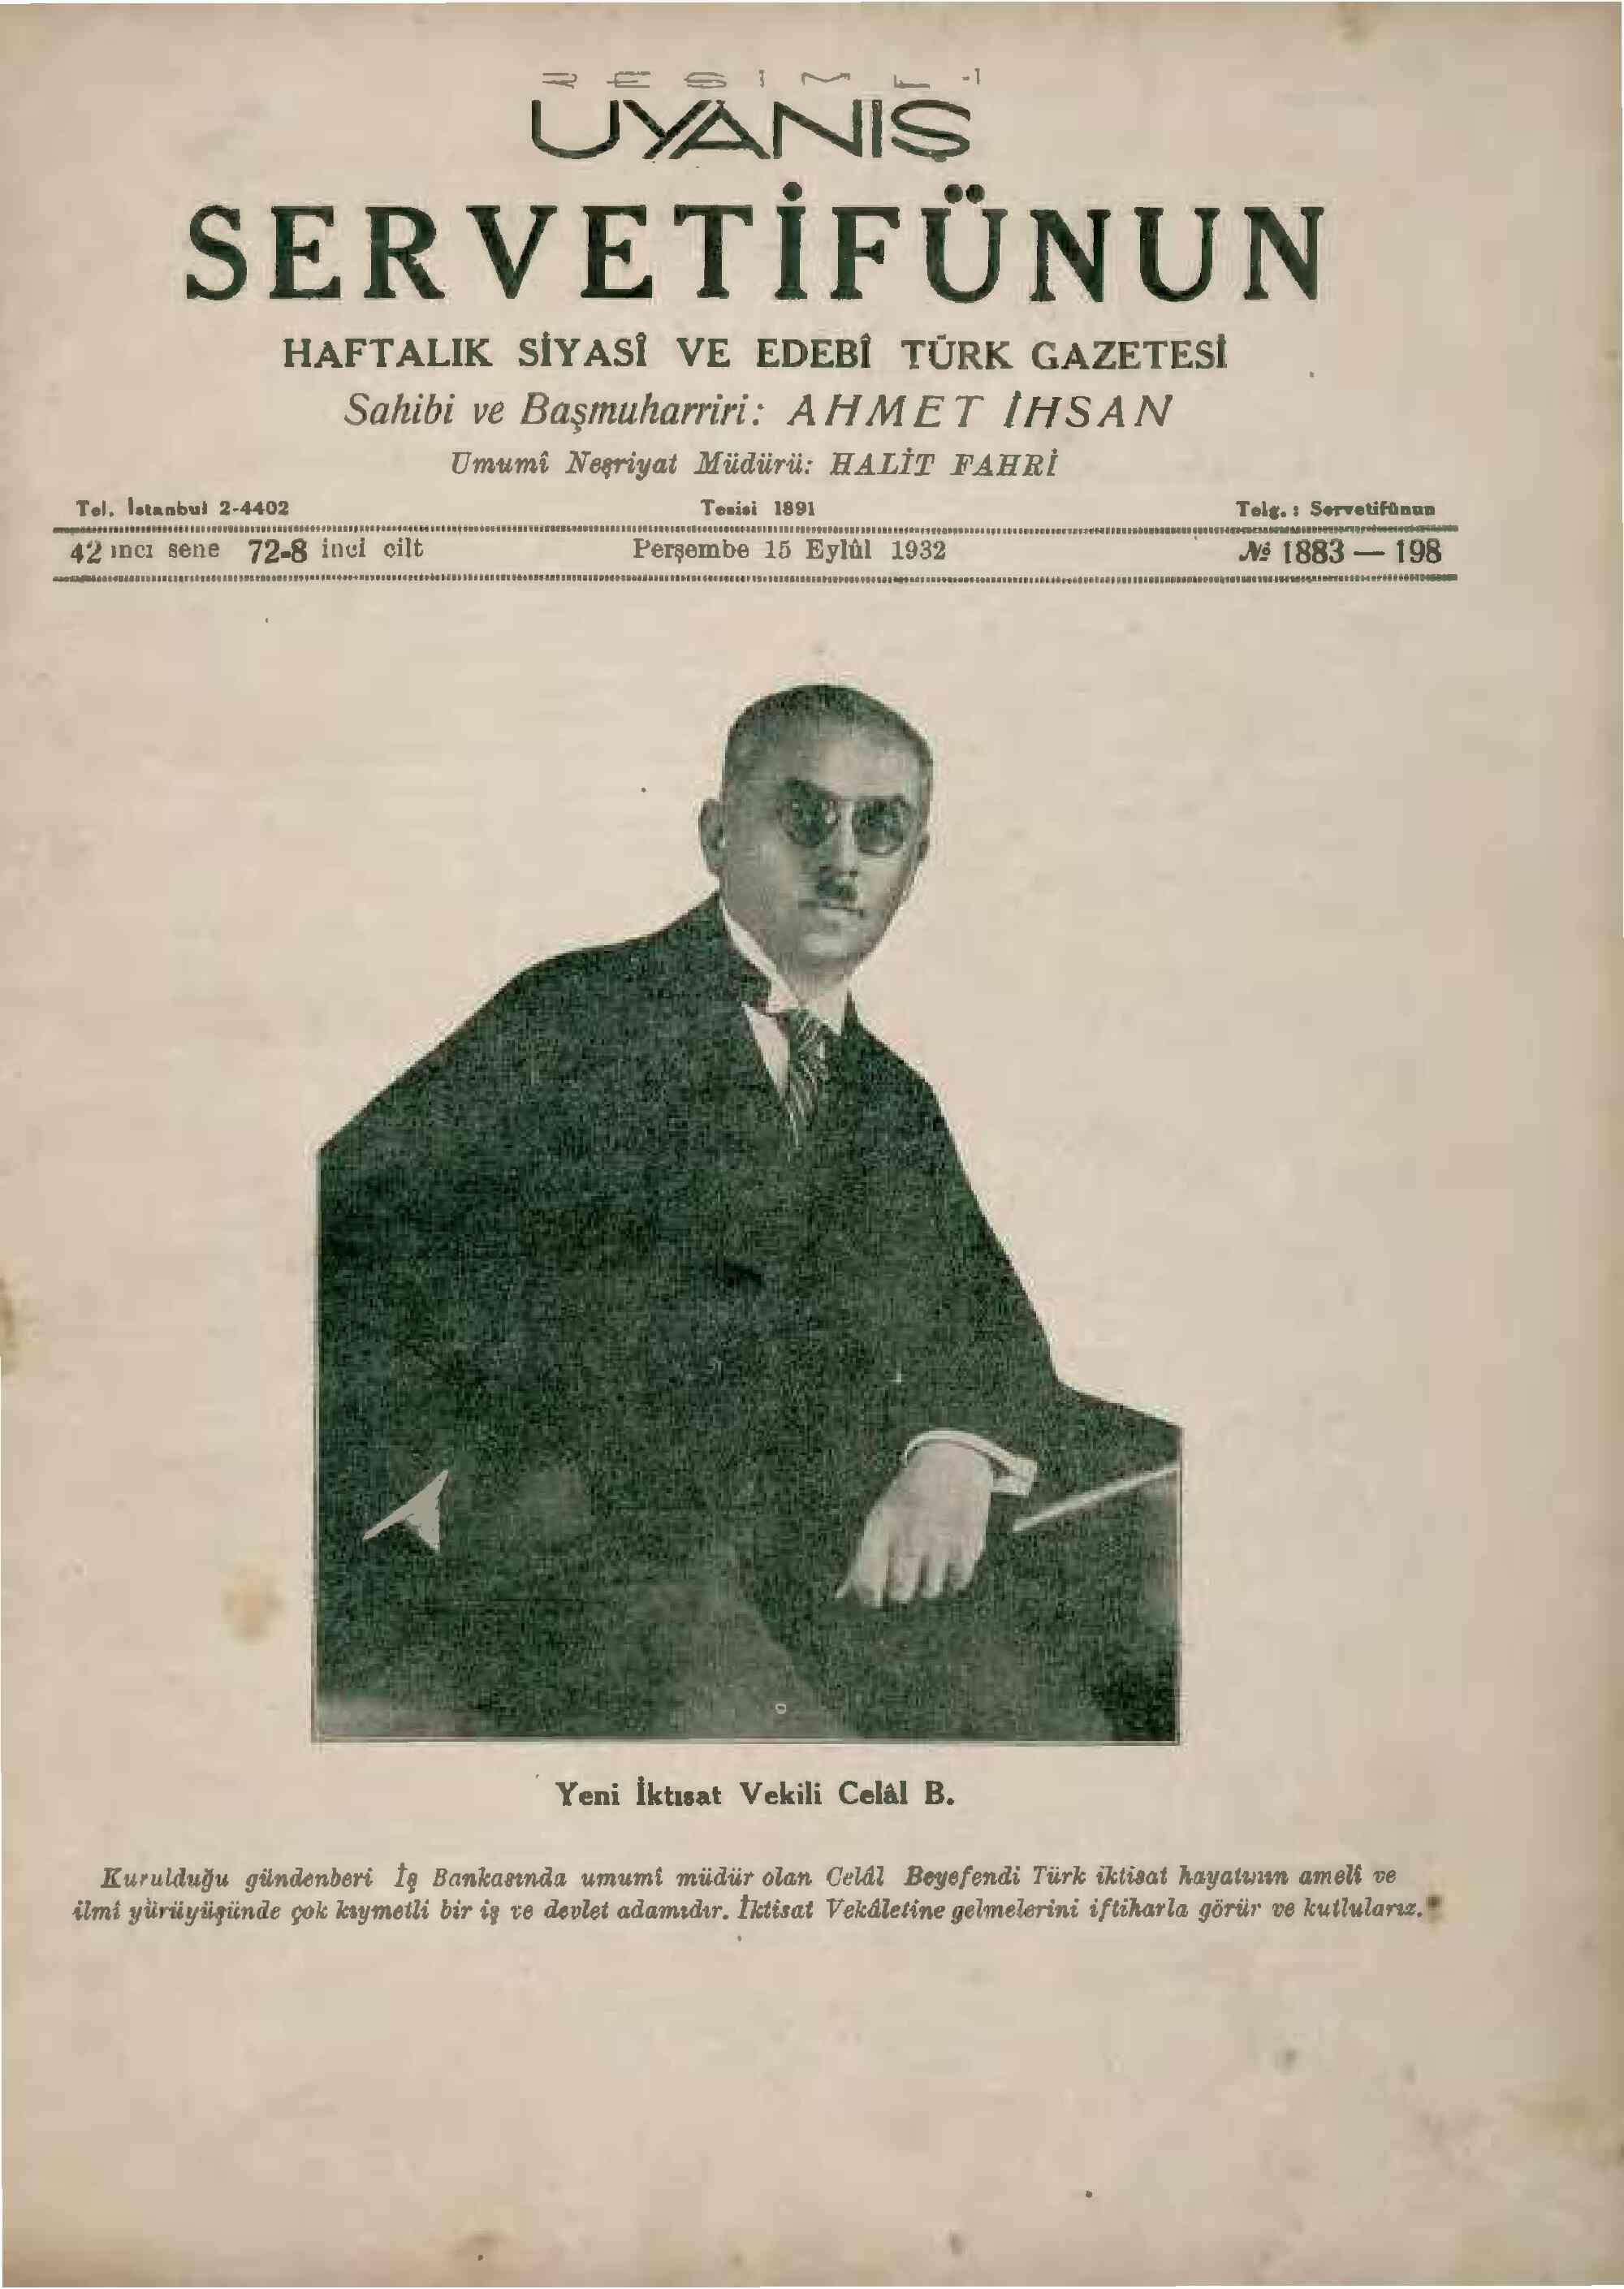 15 Eylül 1932 Tarihli Servetifunun (Uyanış) Dergisi Sayfa 1